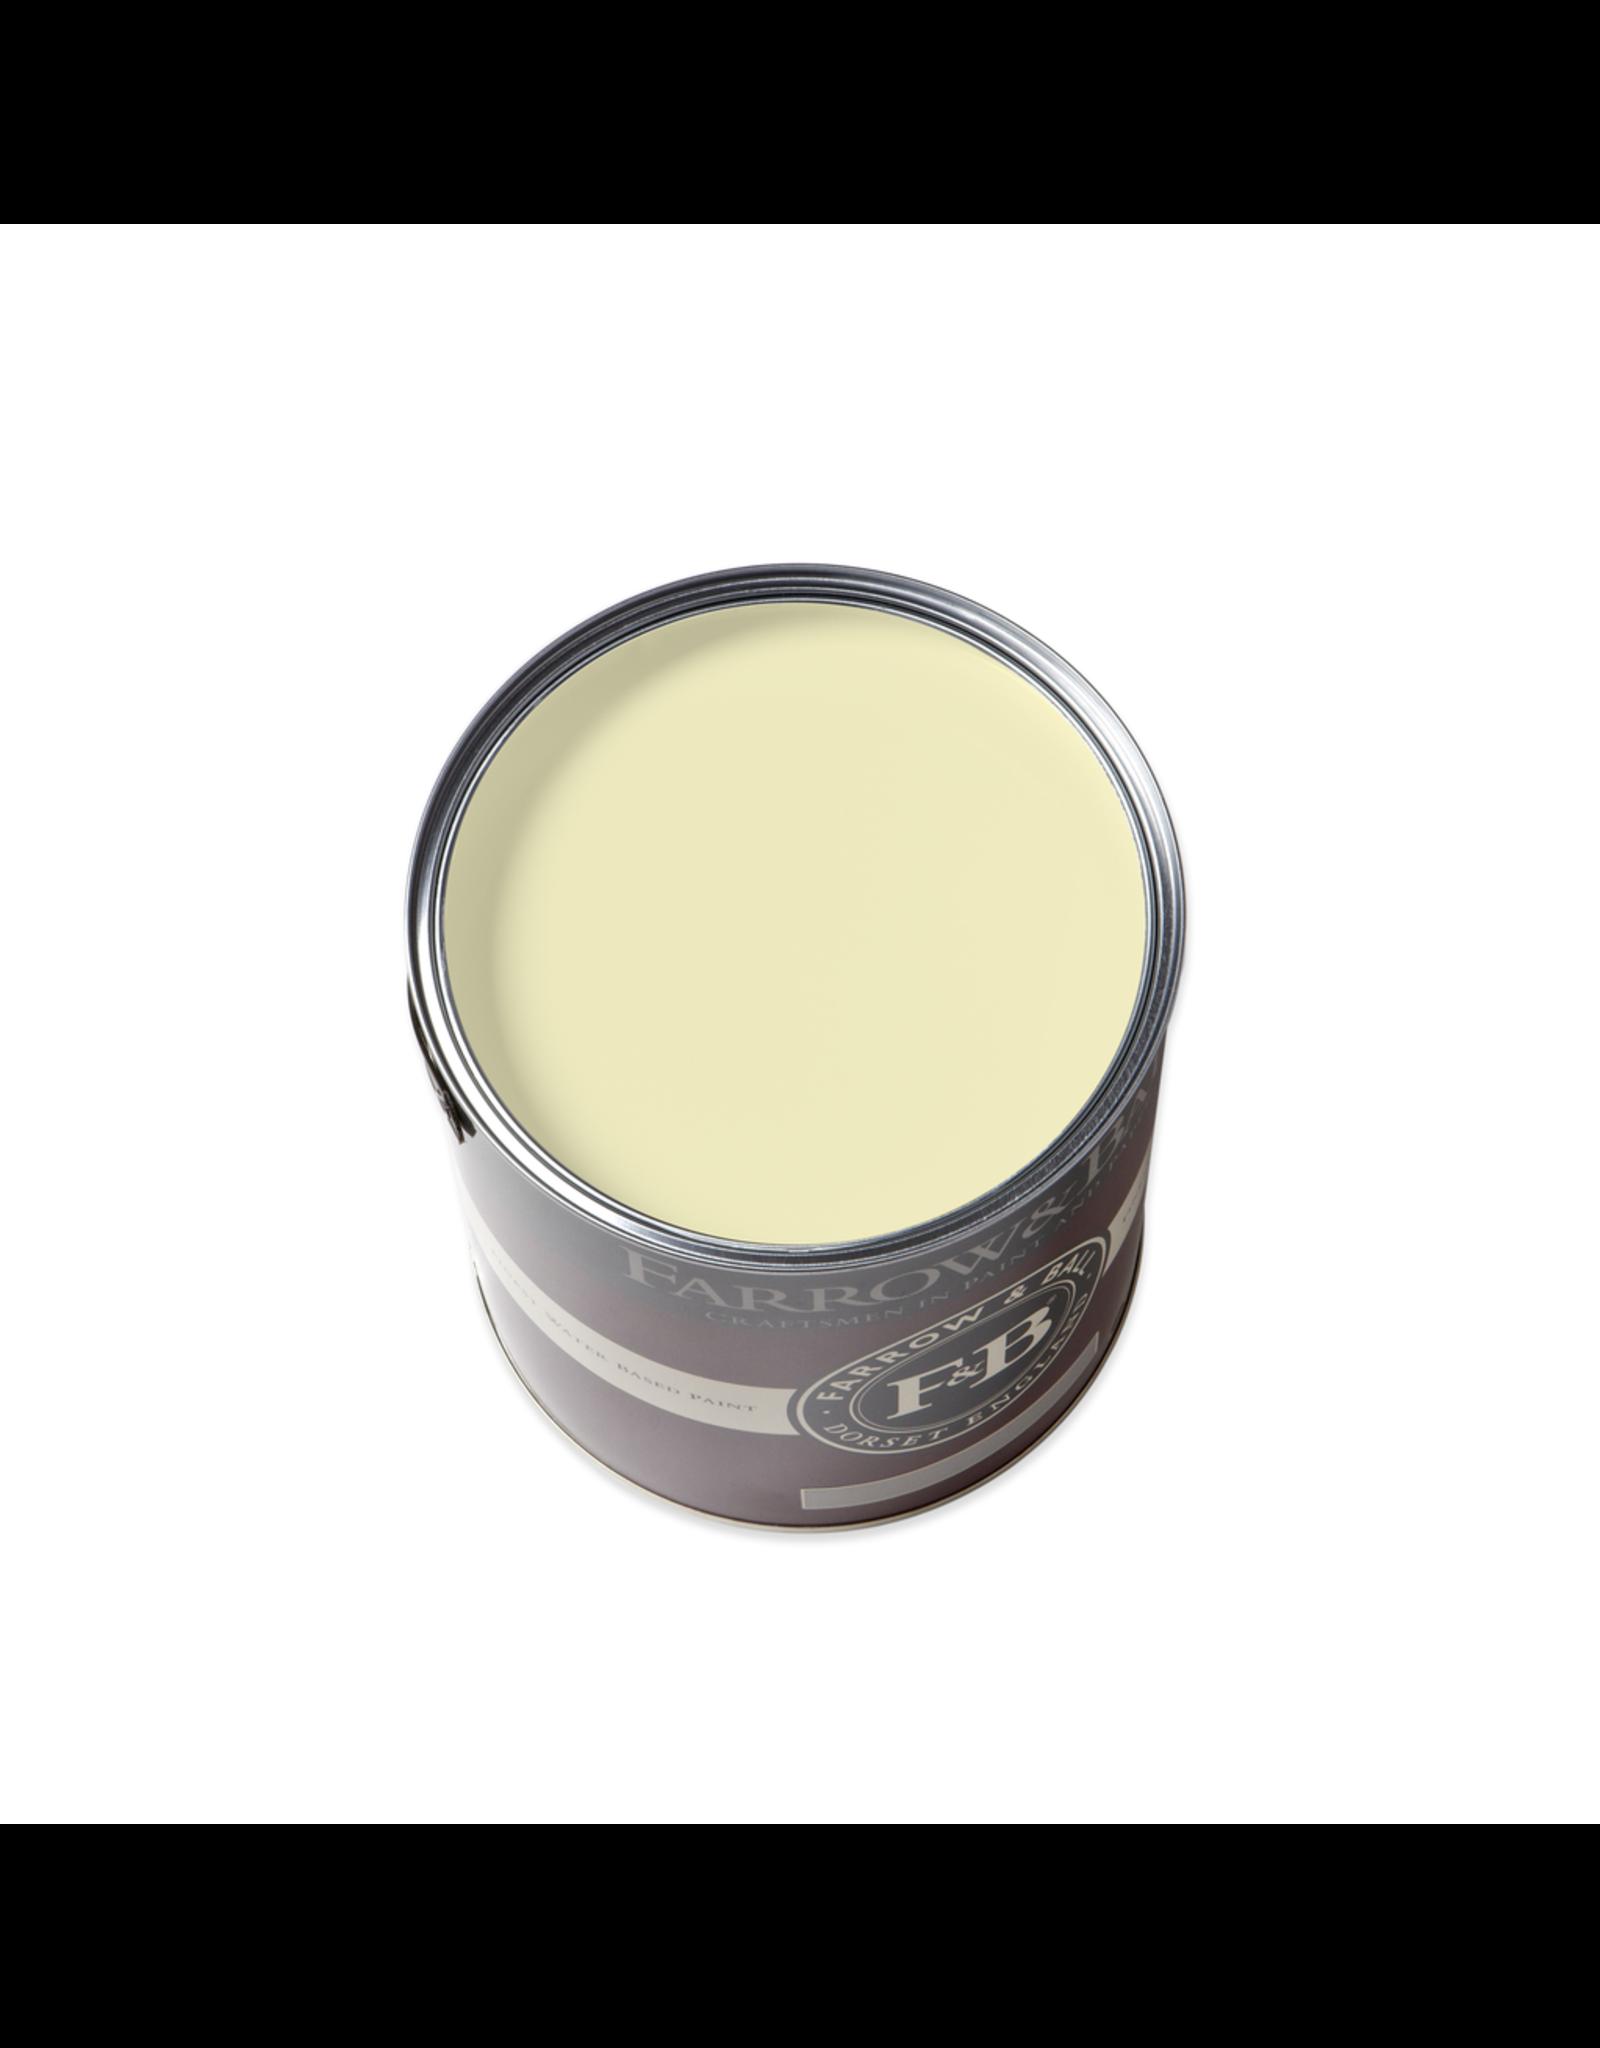 Farrow and Ball Gallon Modern Emulsion House White No. 2012